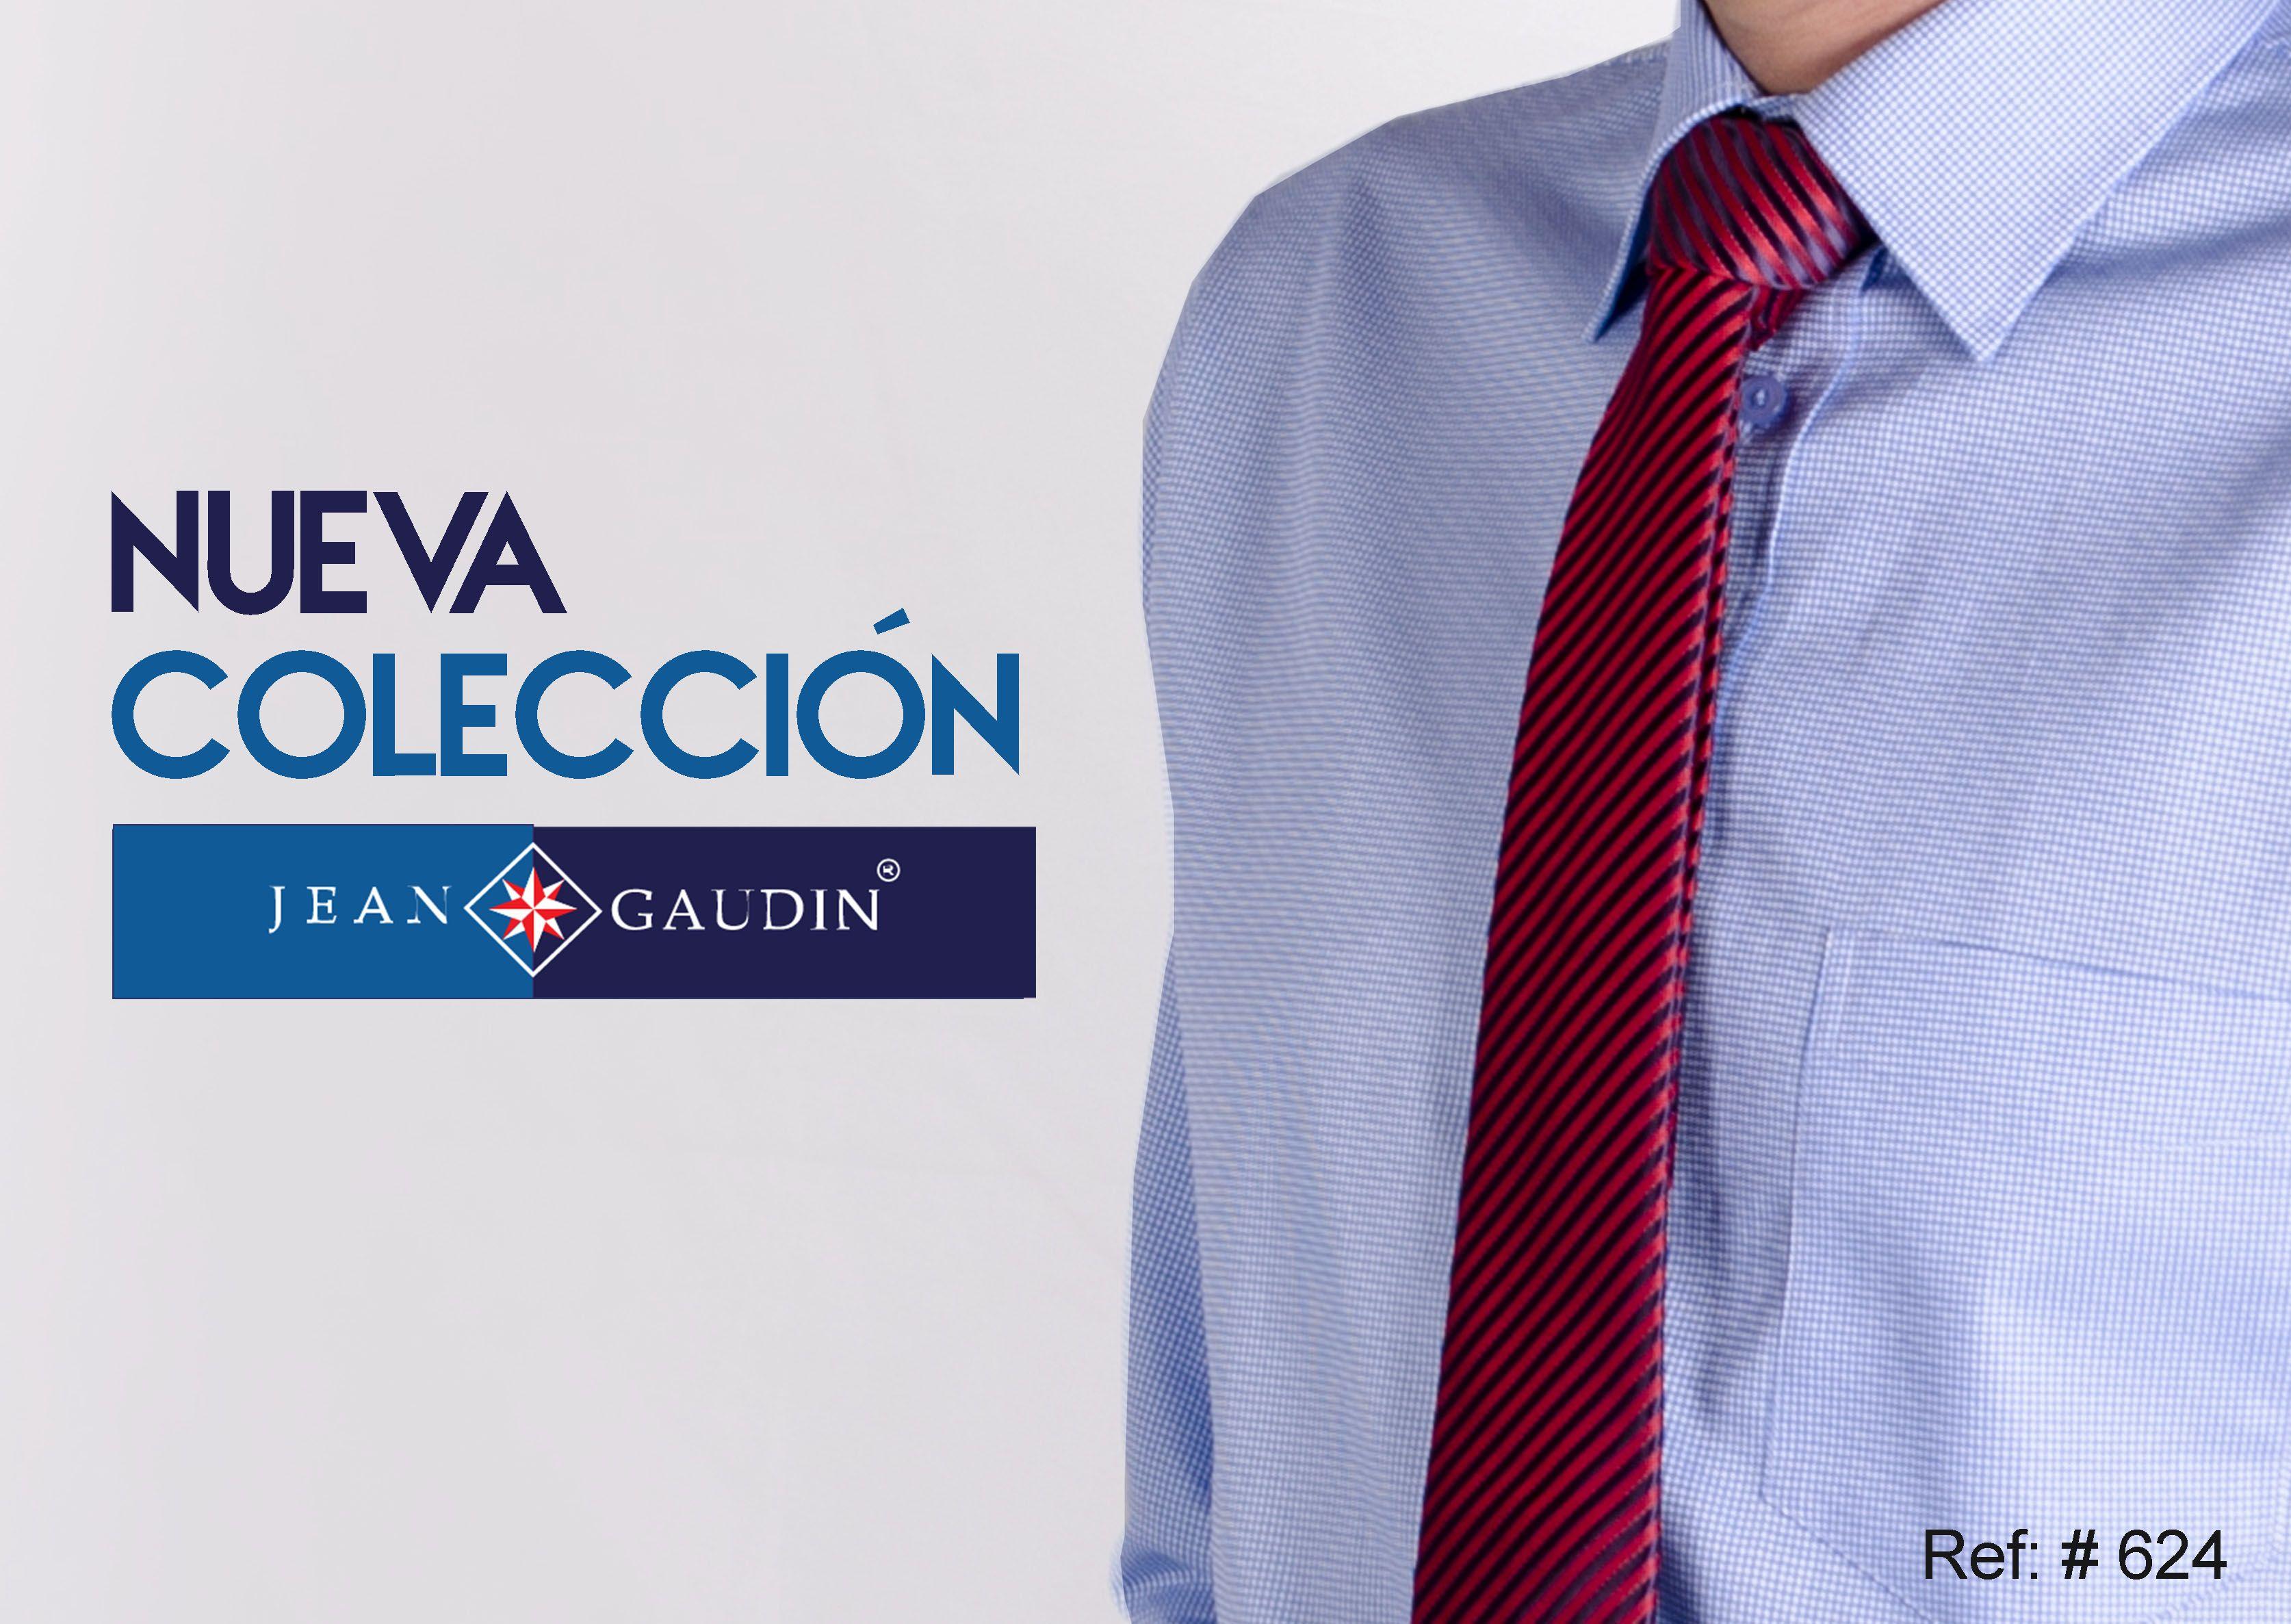 Nueva Colección: camisas para toda ocasión. #modamasculina #camisas #Manizales #moda #corbatas